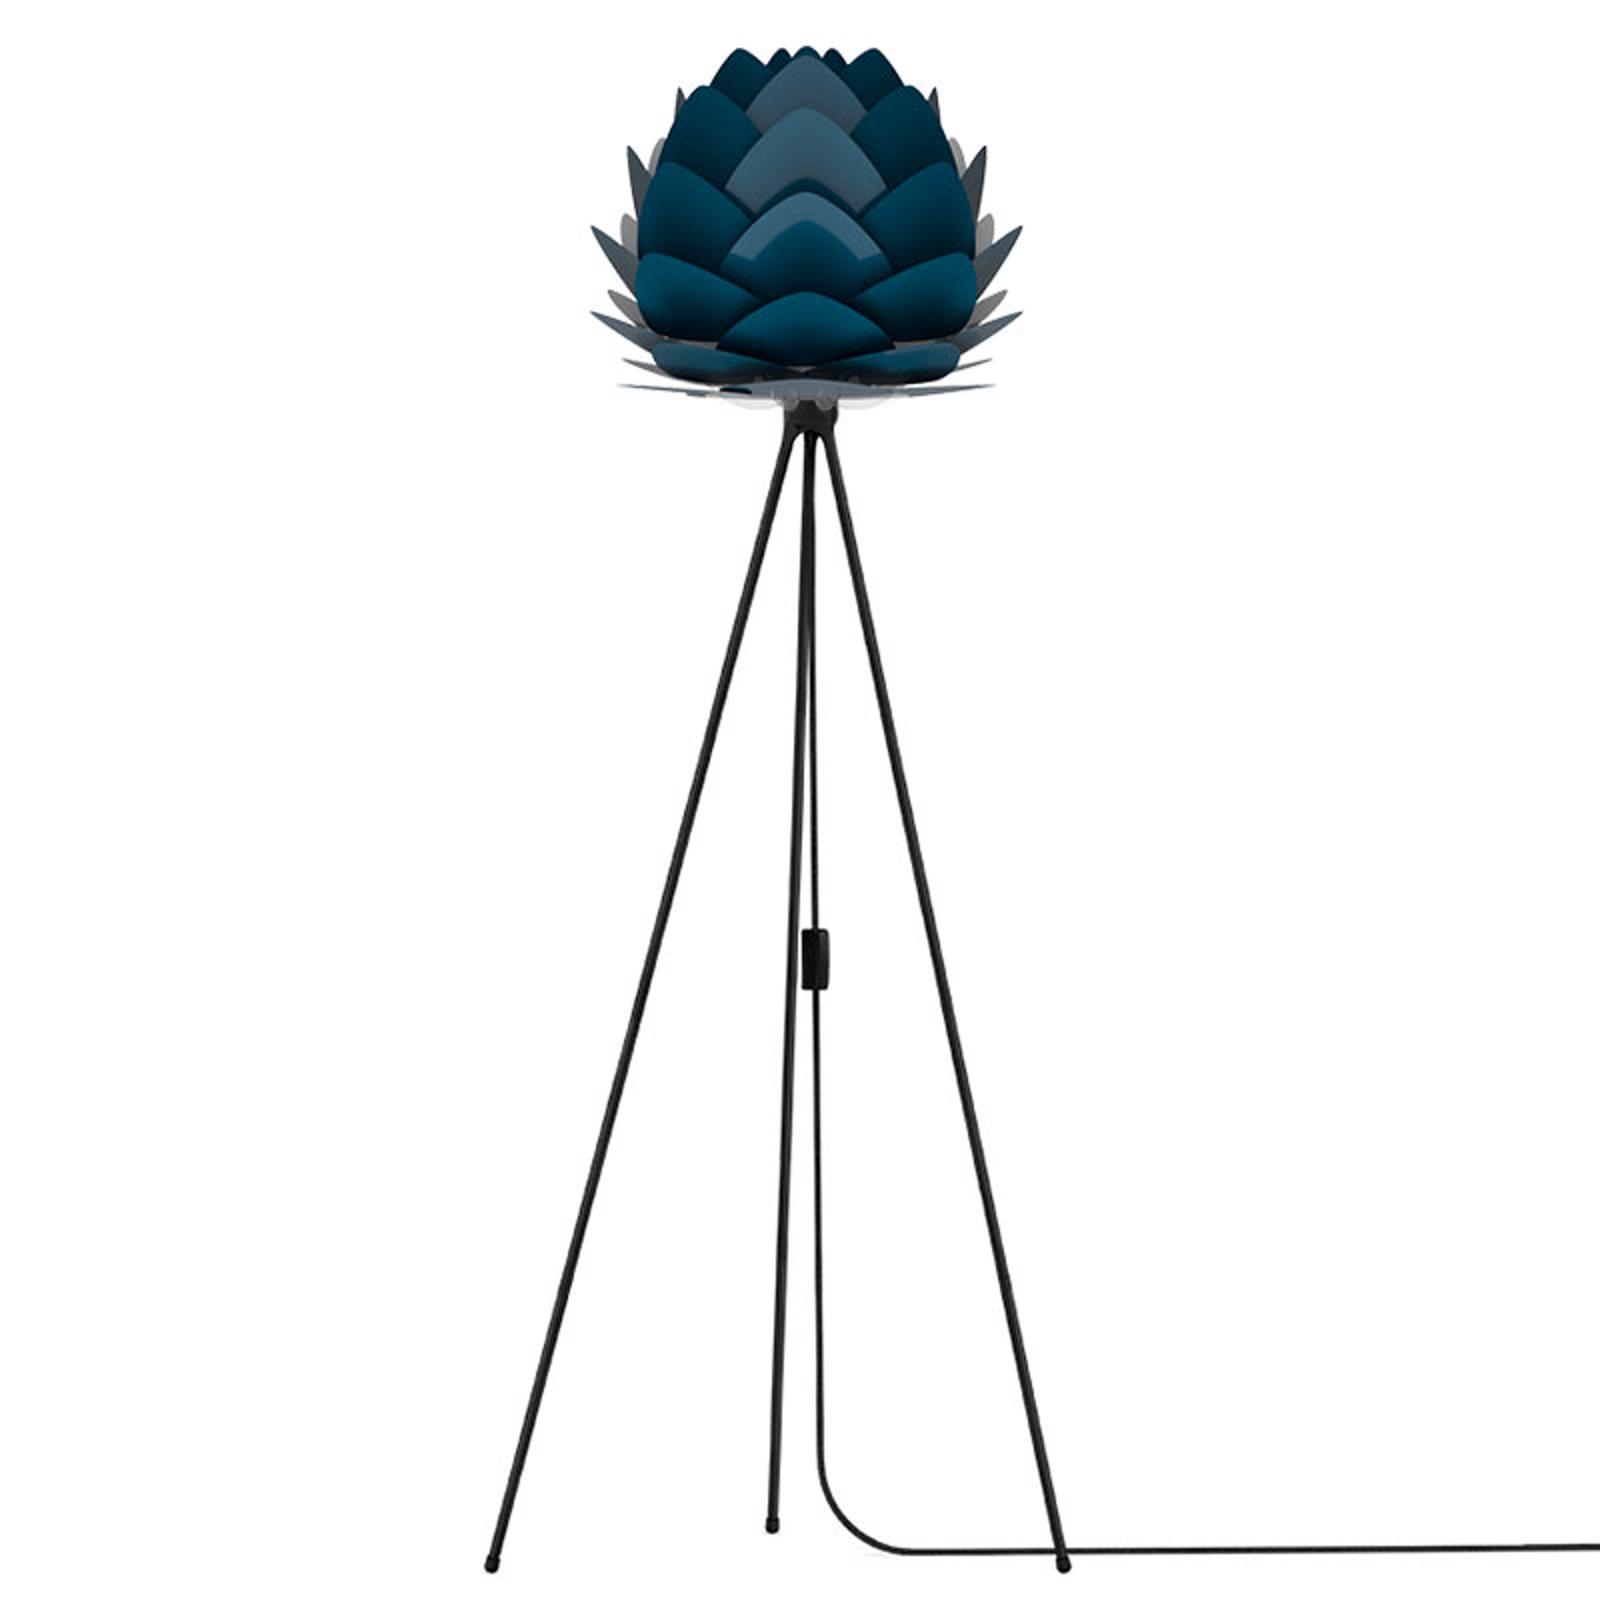 UMAGE Aluvia mini vloerlamp zwart/blauw